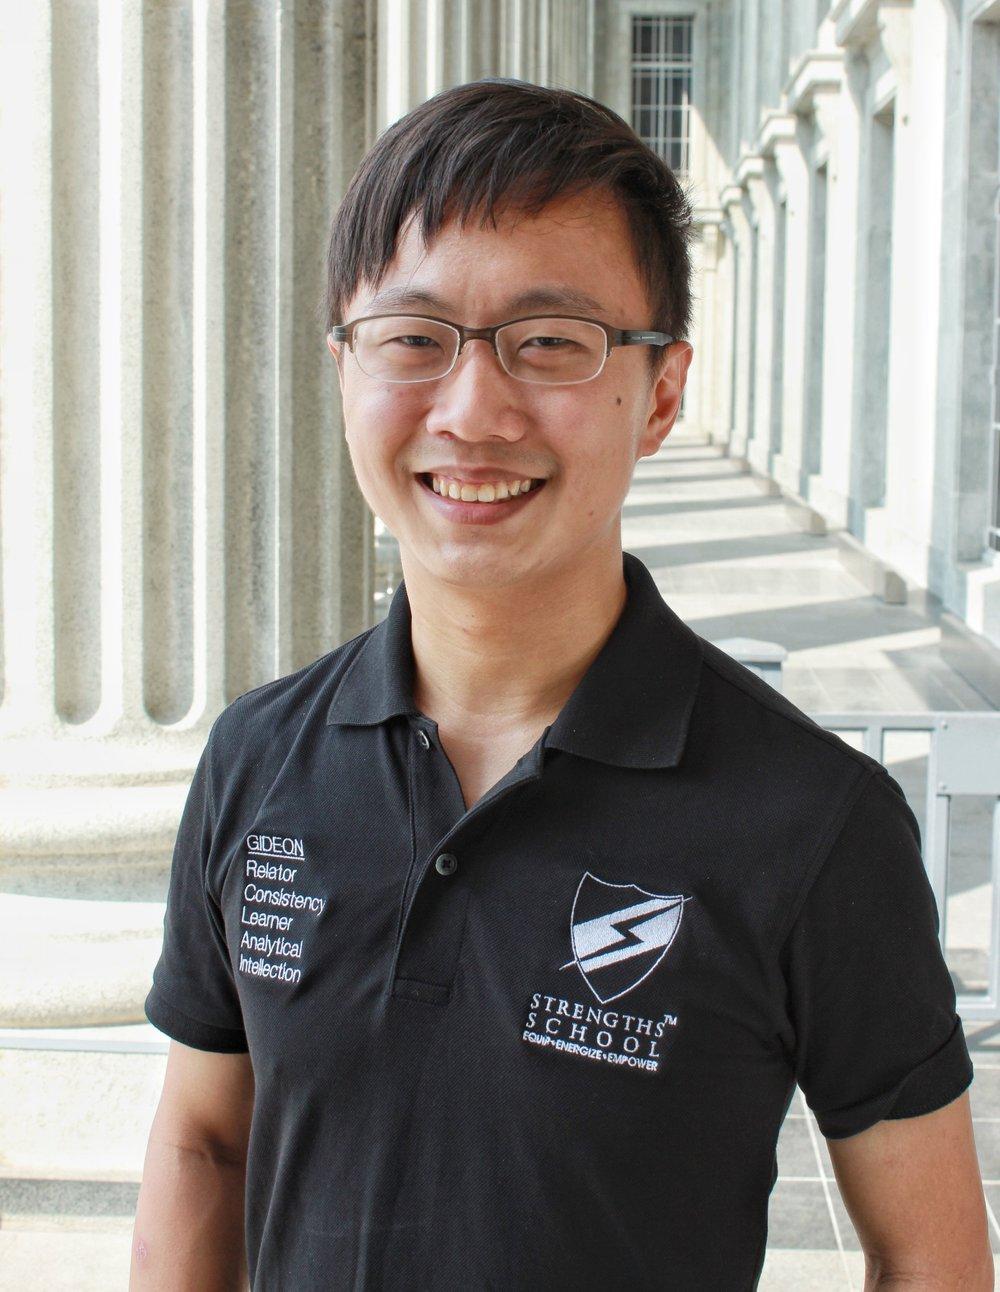 Gideon Ren Gallup Certified StrengthsFinder Coach Singapore.jpg